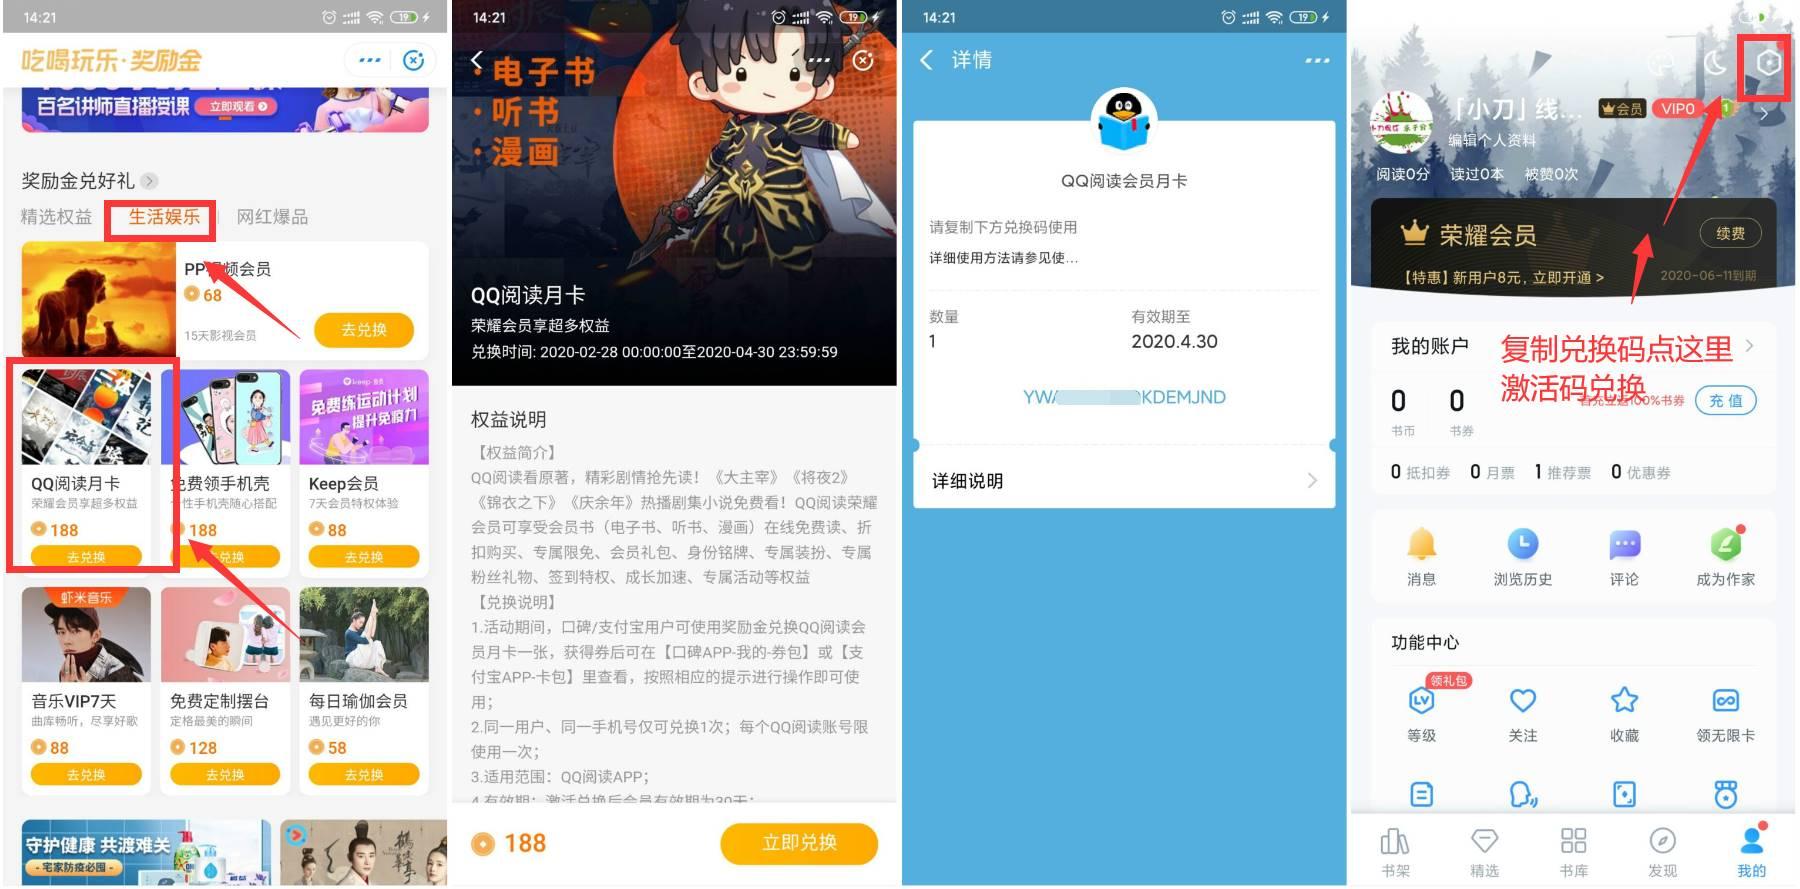 支付宝领1个月QQ阅读会员